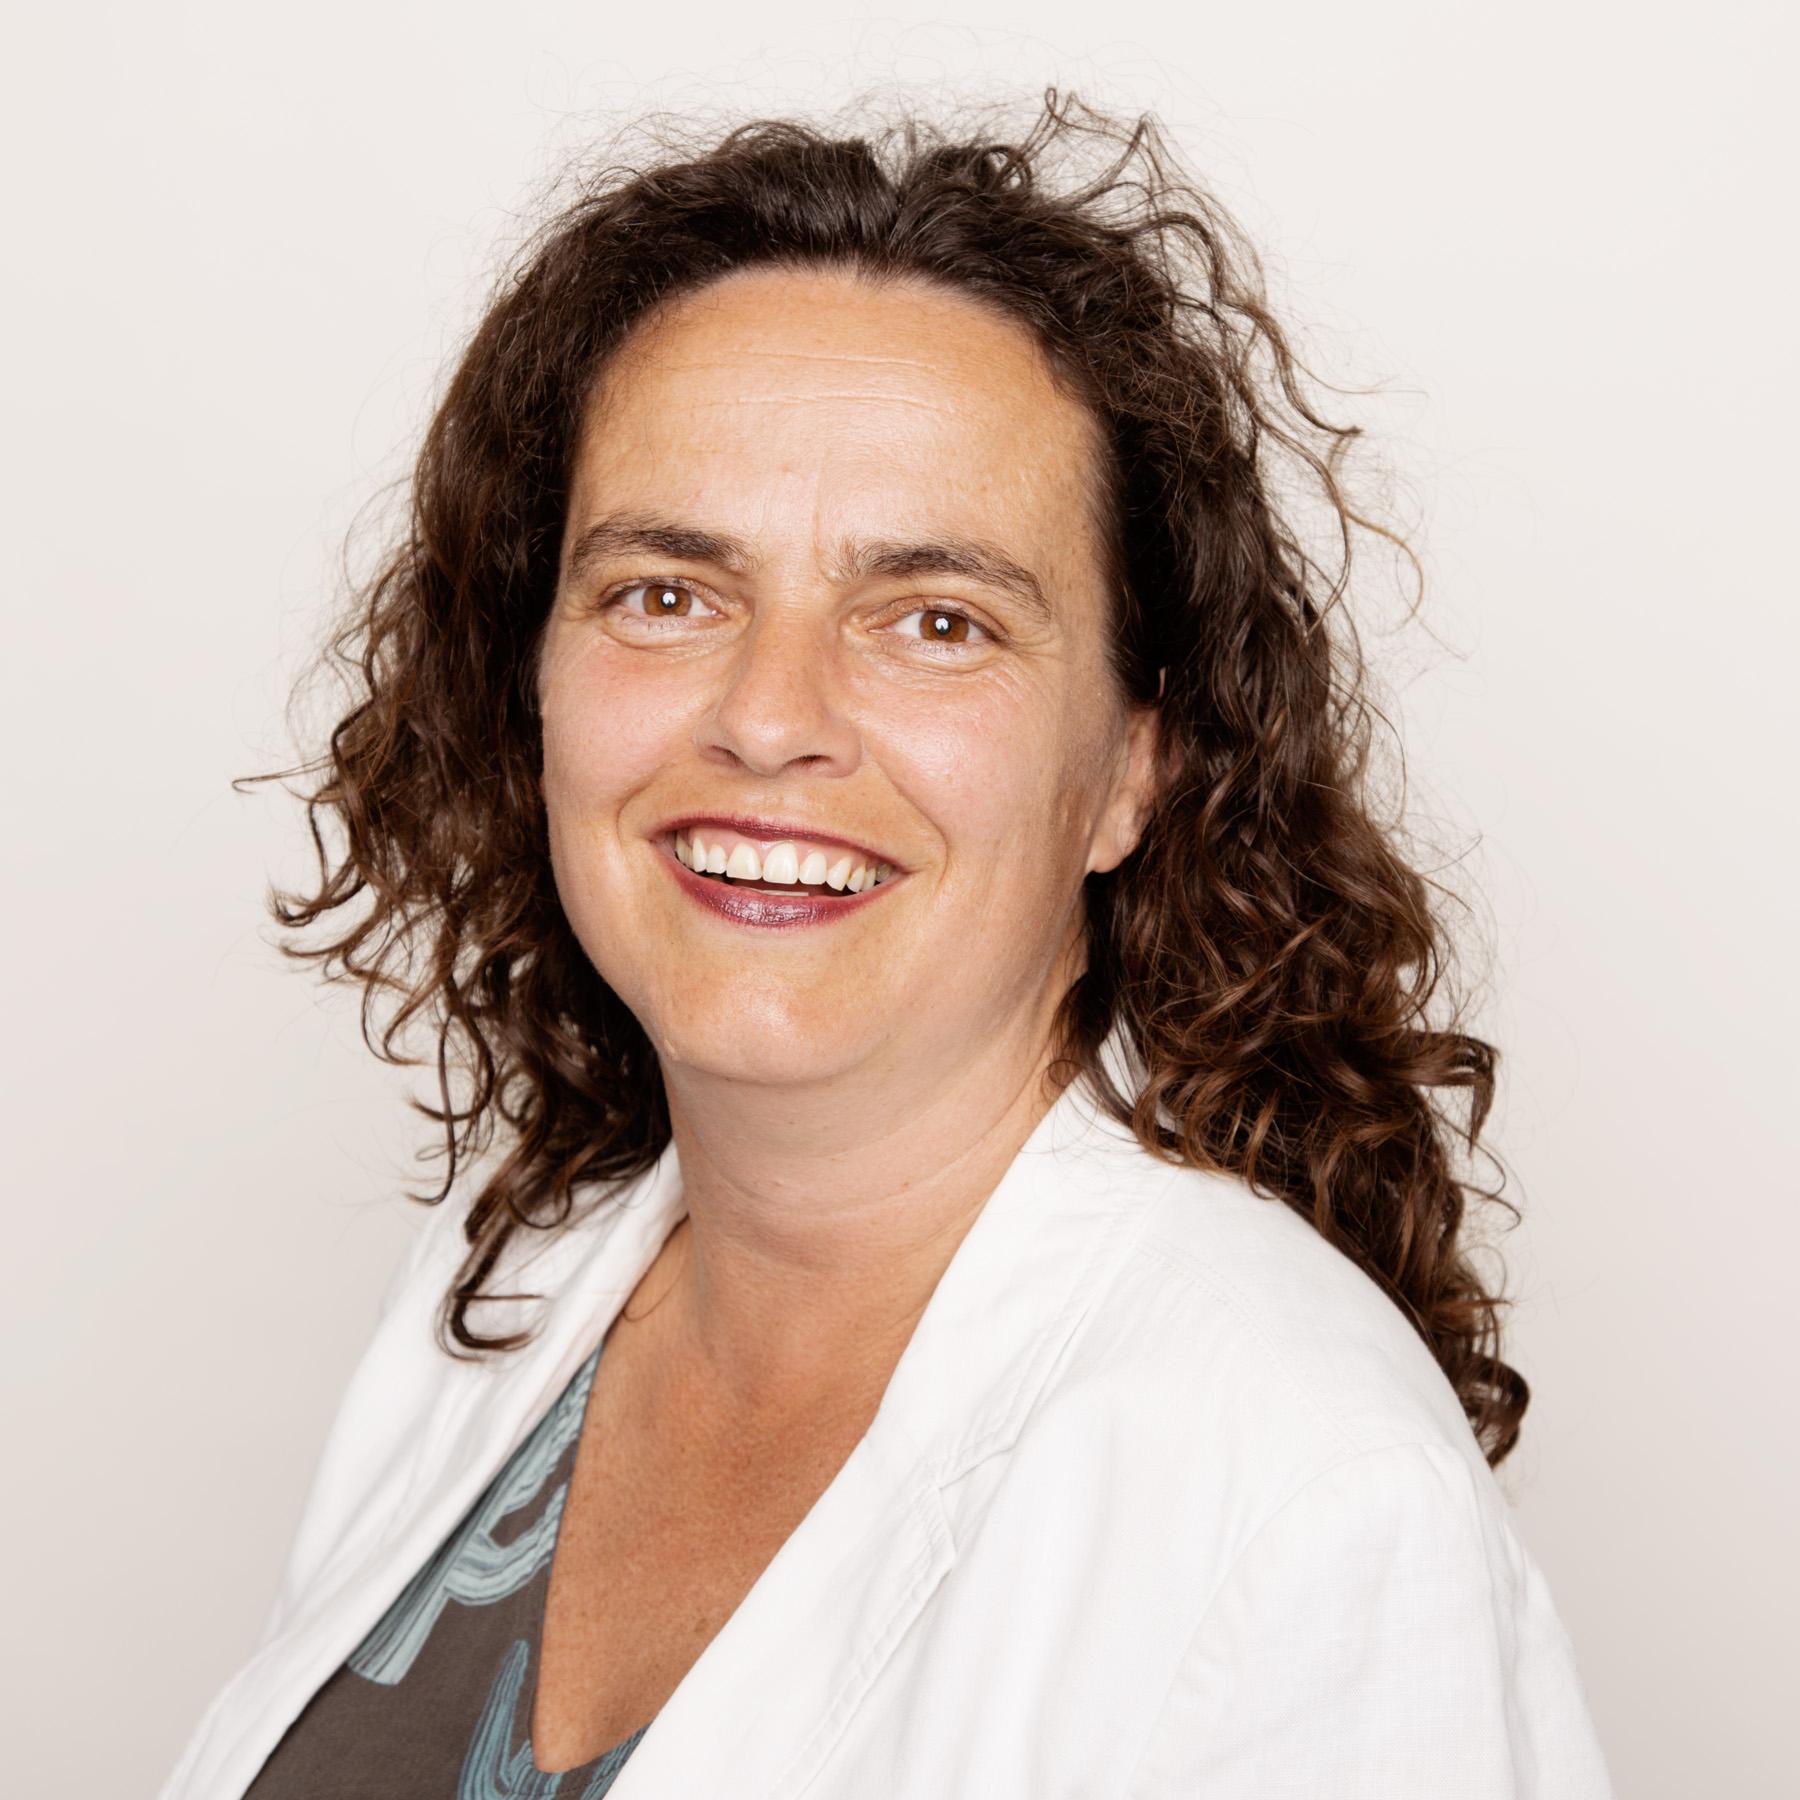 Vera Schoenmakers